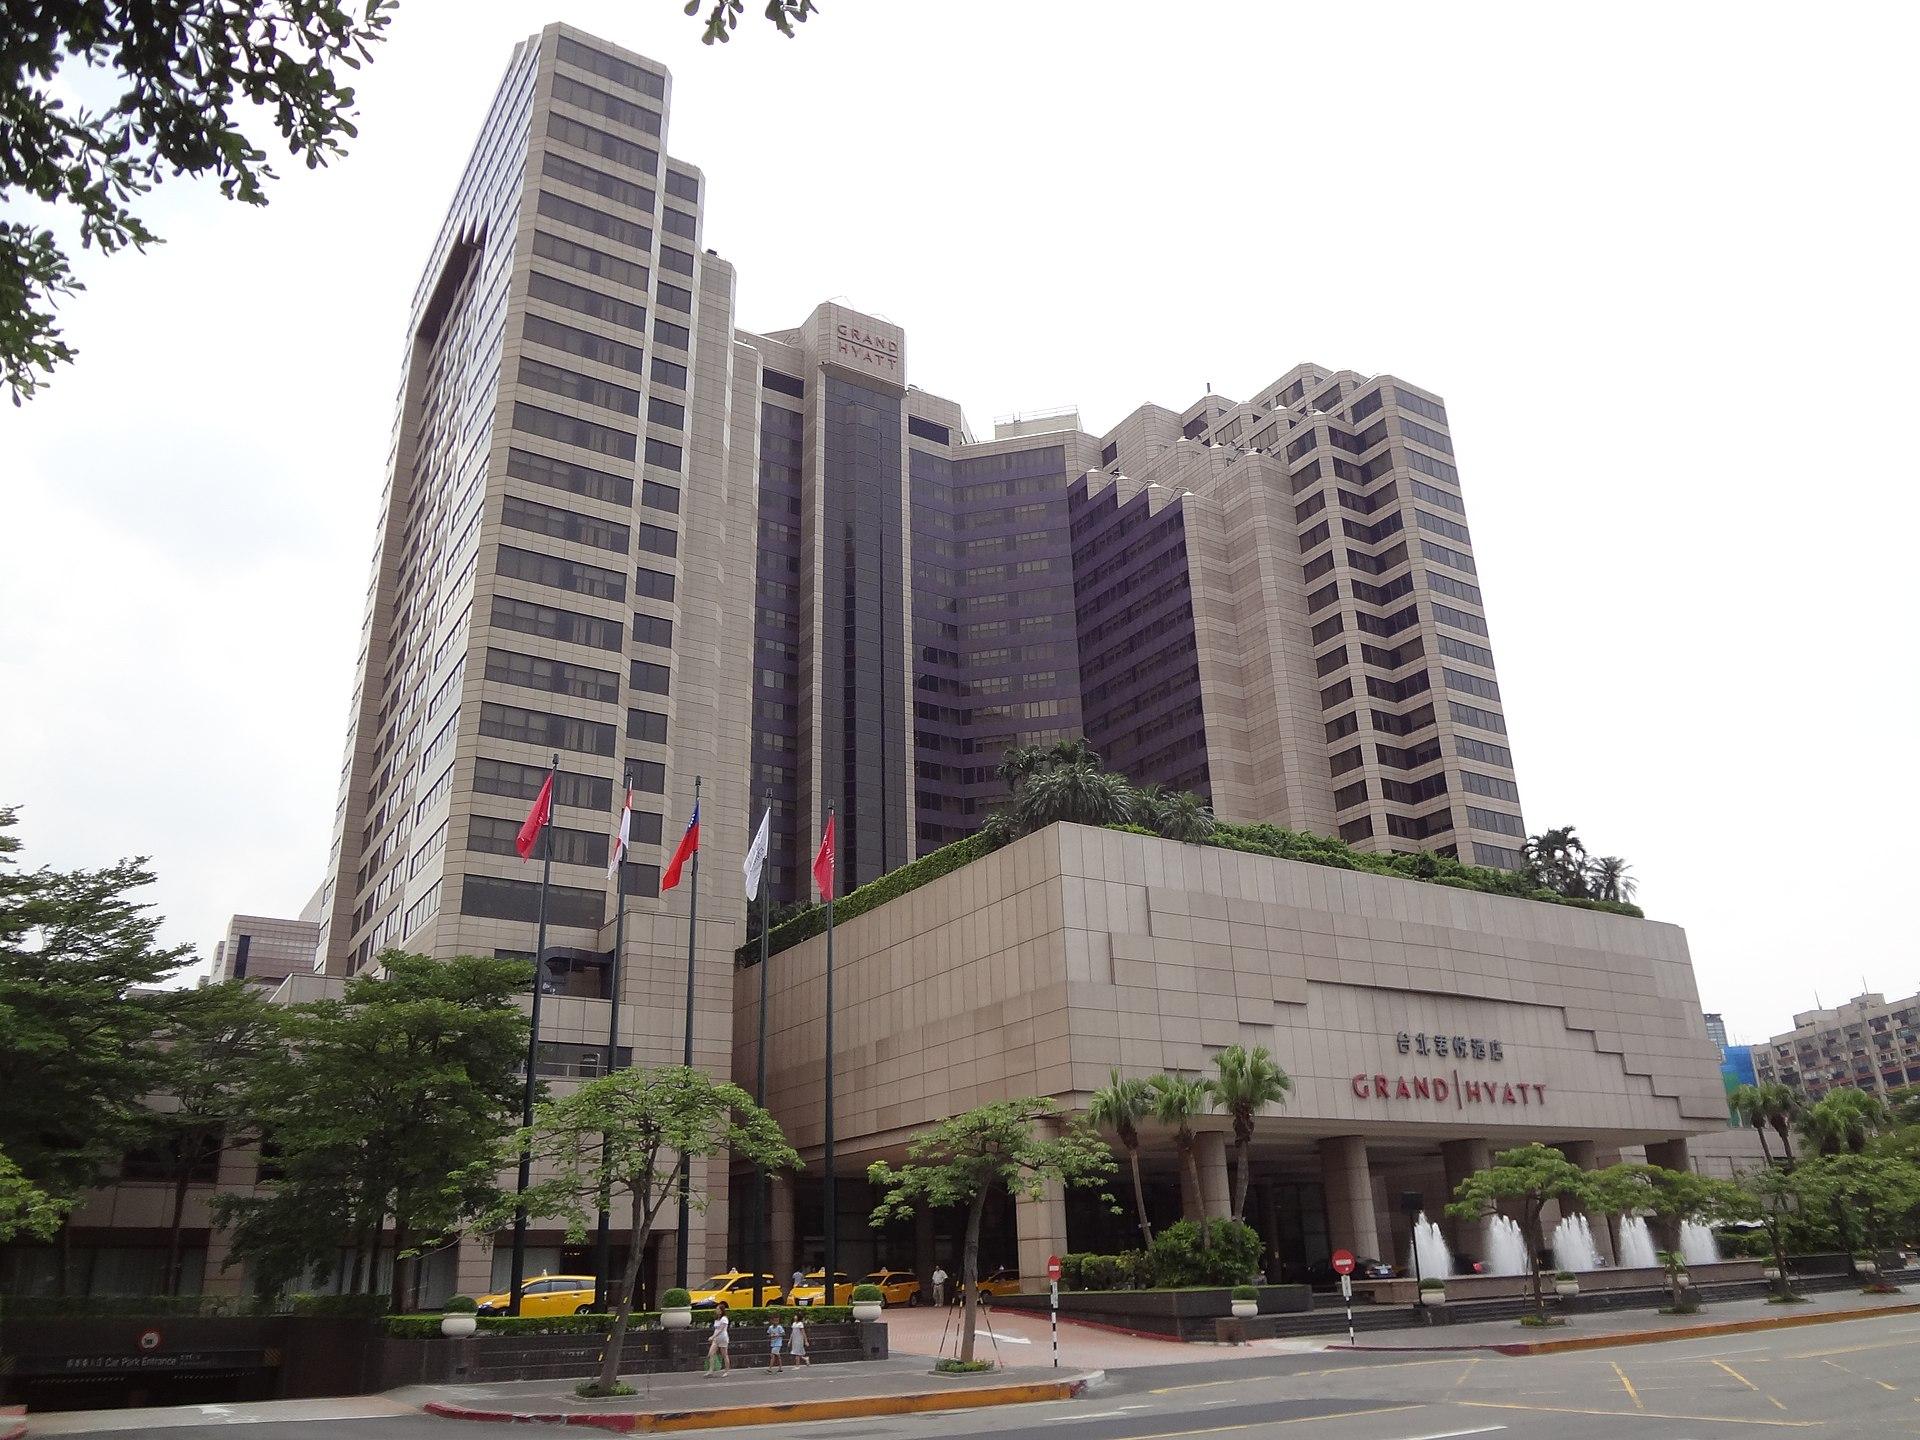 臺北君悅酒店 - 維基百科,自由的百科全書